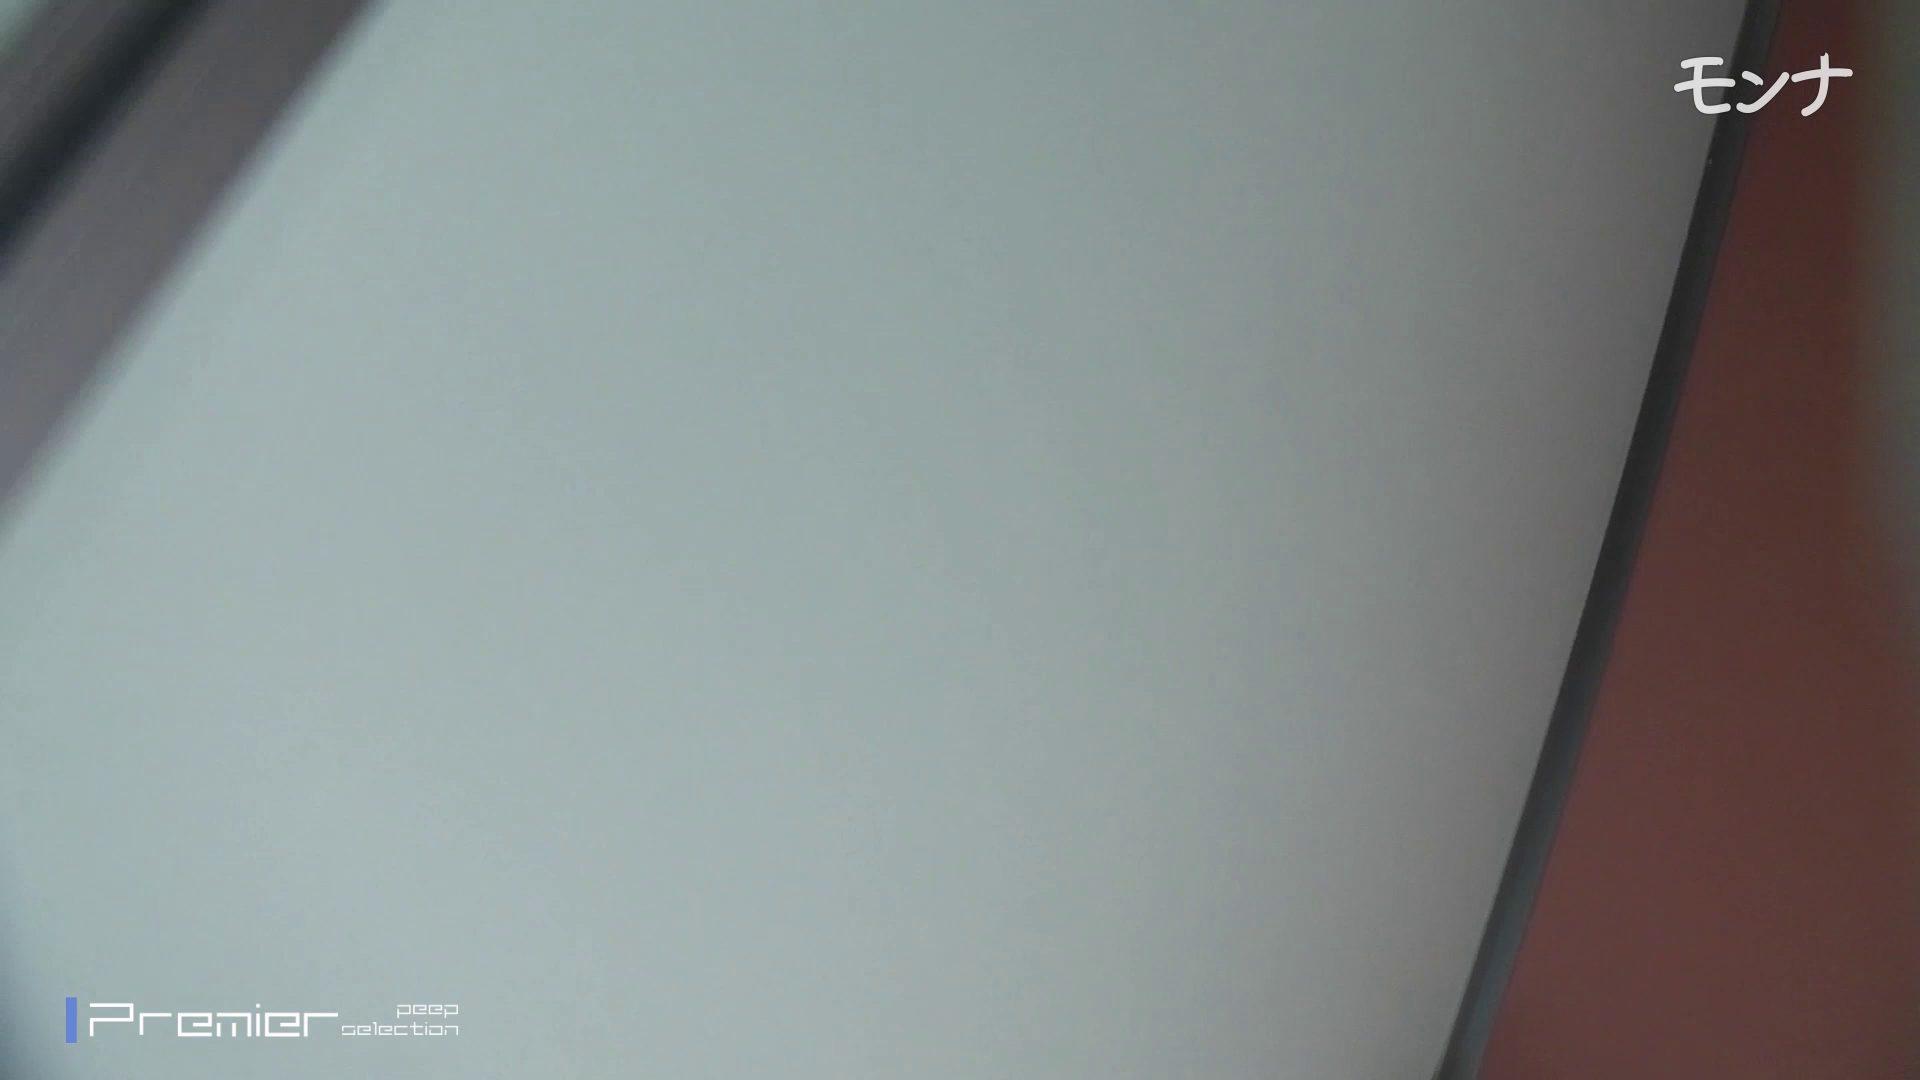 美しい日本の未来 No.55 普通の子たちの日常調長身あり 盛合せ アダルト動画キャプチャ 68画像 51